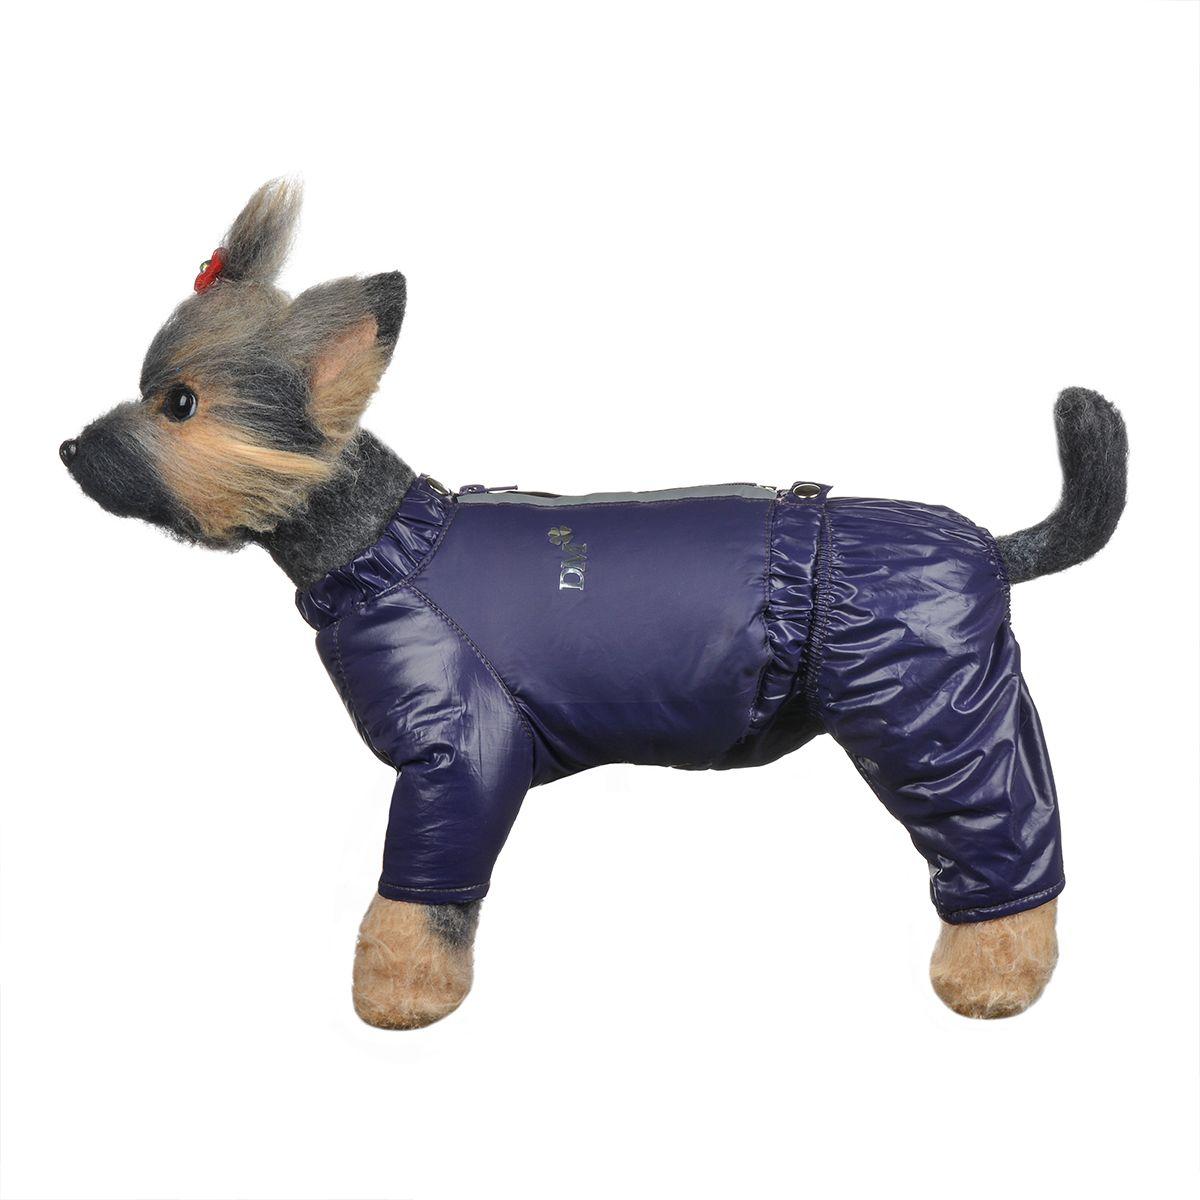 Костюм для собак Dogmoda Дублин, зимний, для девочки, цвет: фиолетовый, розовый. Размер 1 (S) комбинезон для собак dogmoda doggs зимний для девочки цвет фиолетовый размер xxl